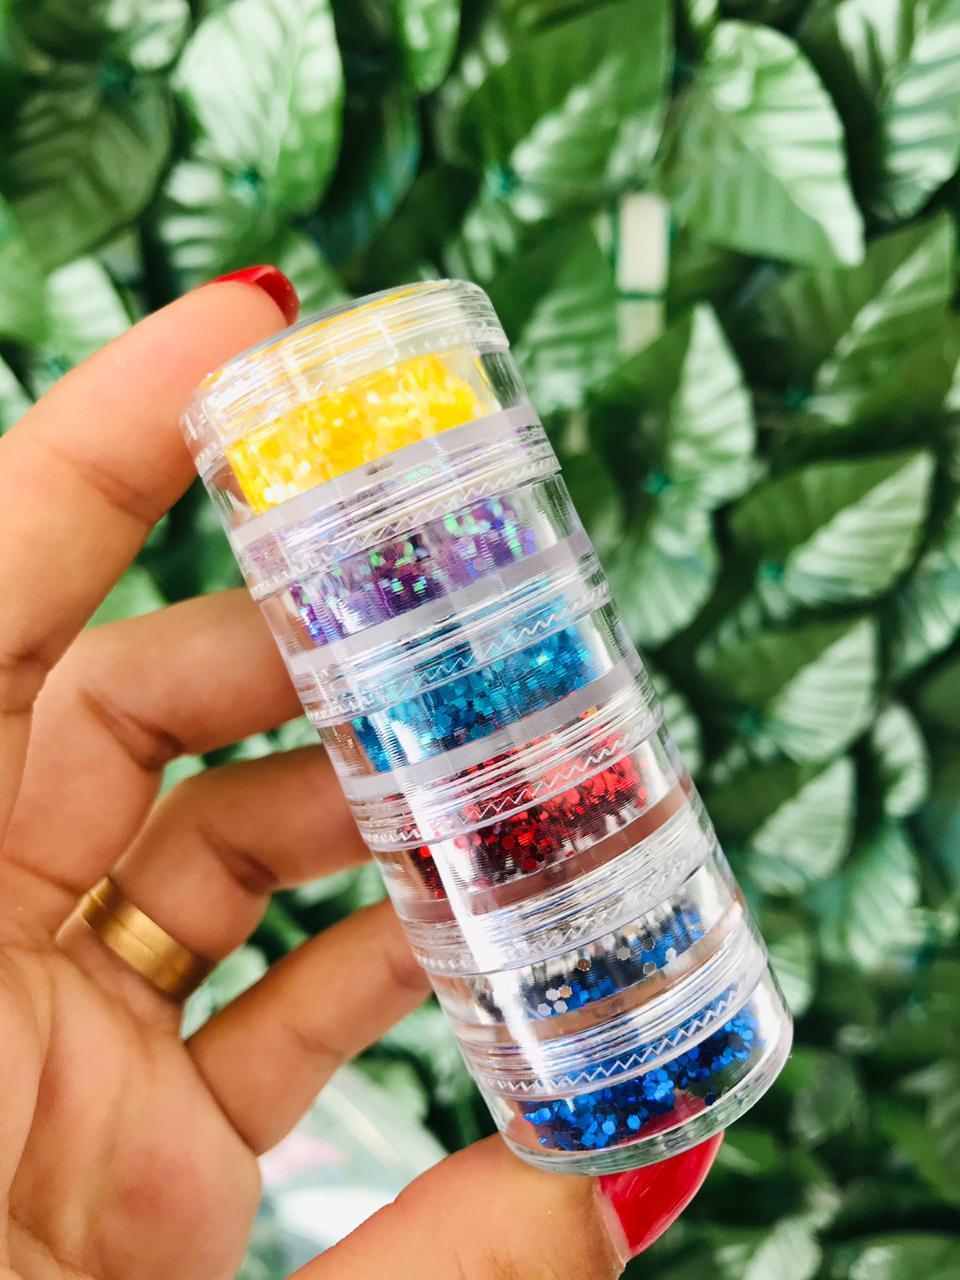 01 Mini torre de glitter focado com 06 potes (A)  - Sílvia Pedrarias & Cia